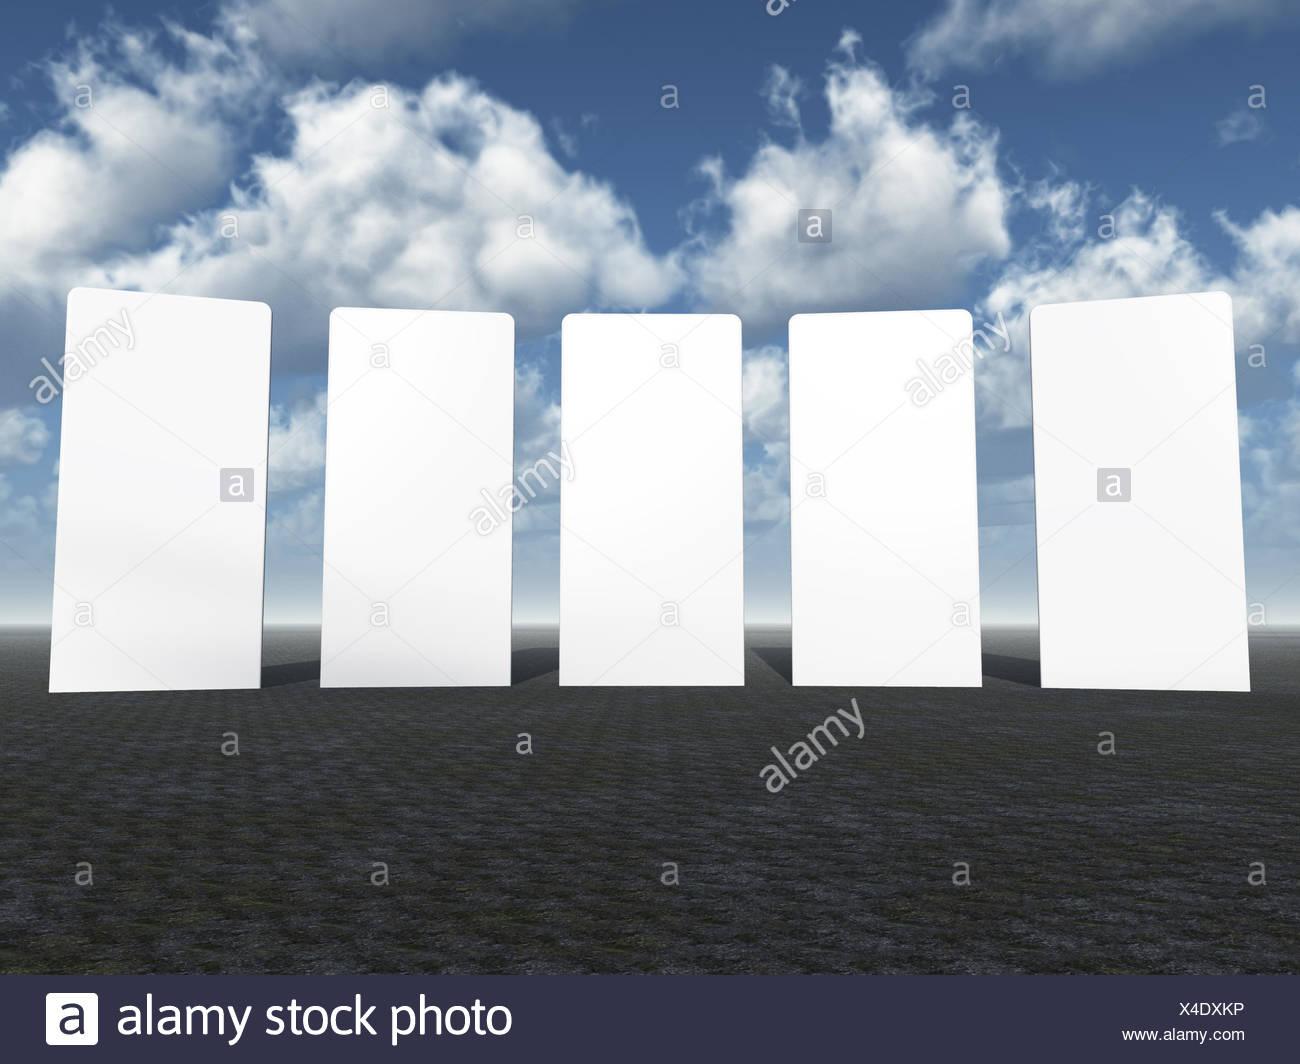 installation Stock Photo